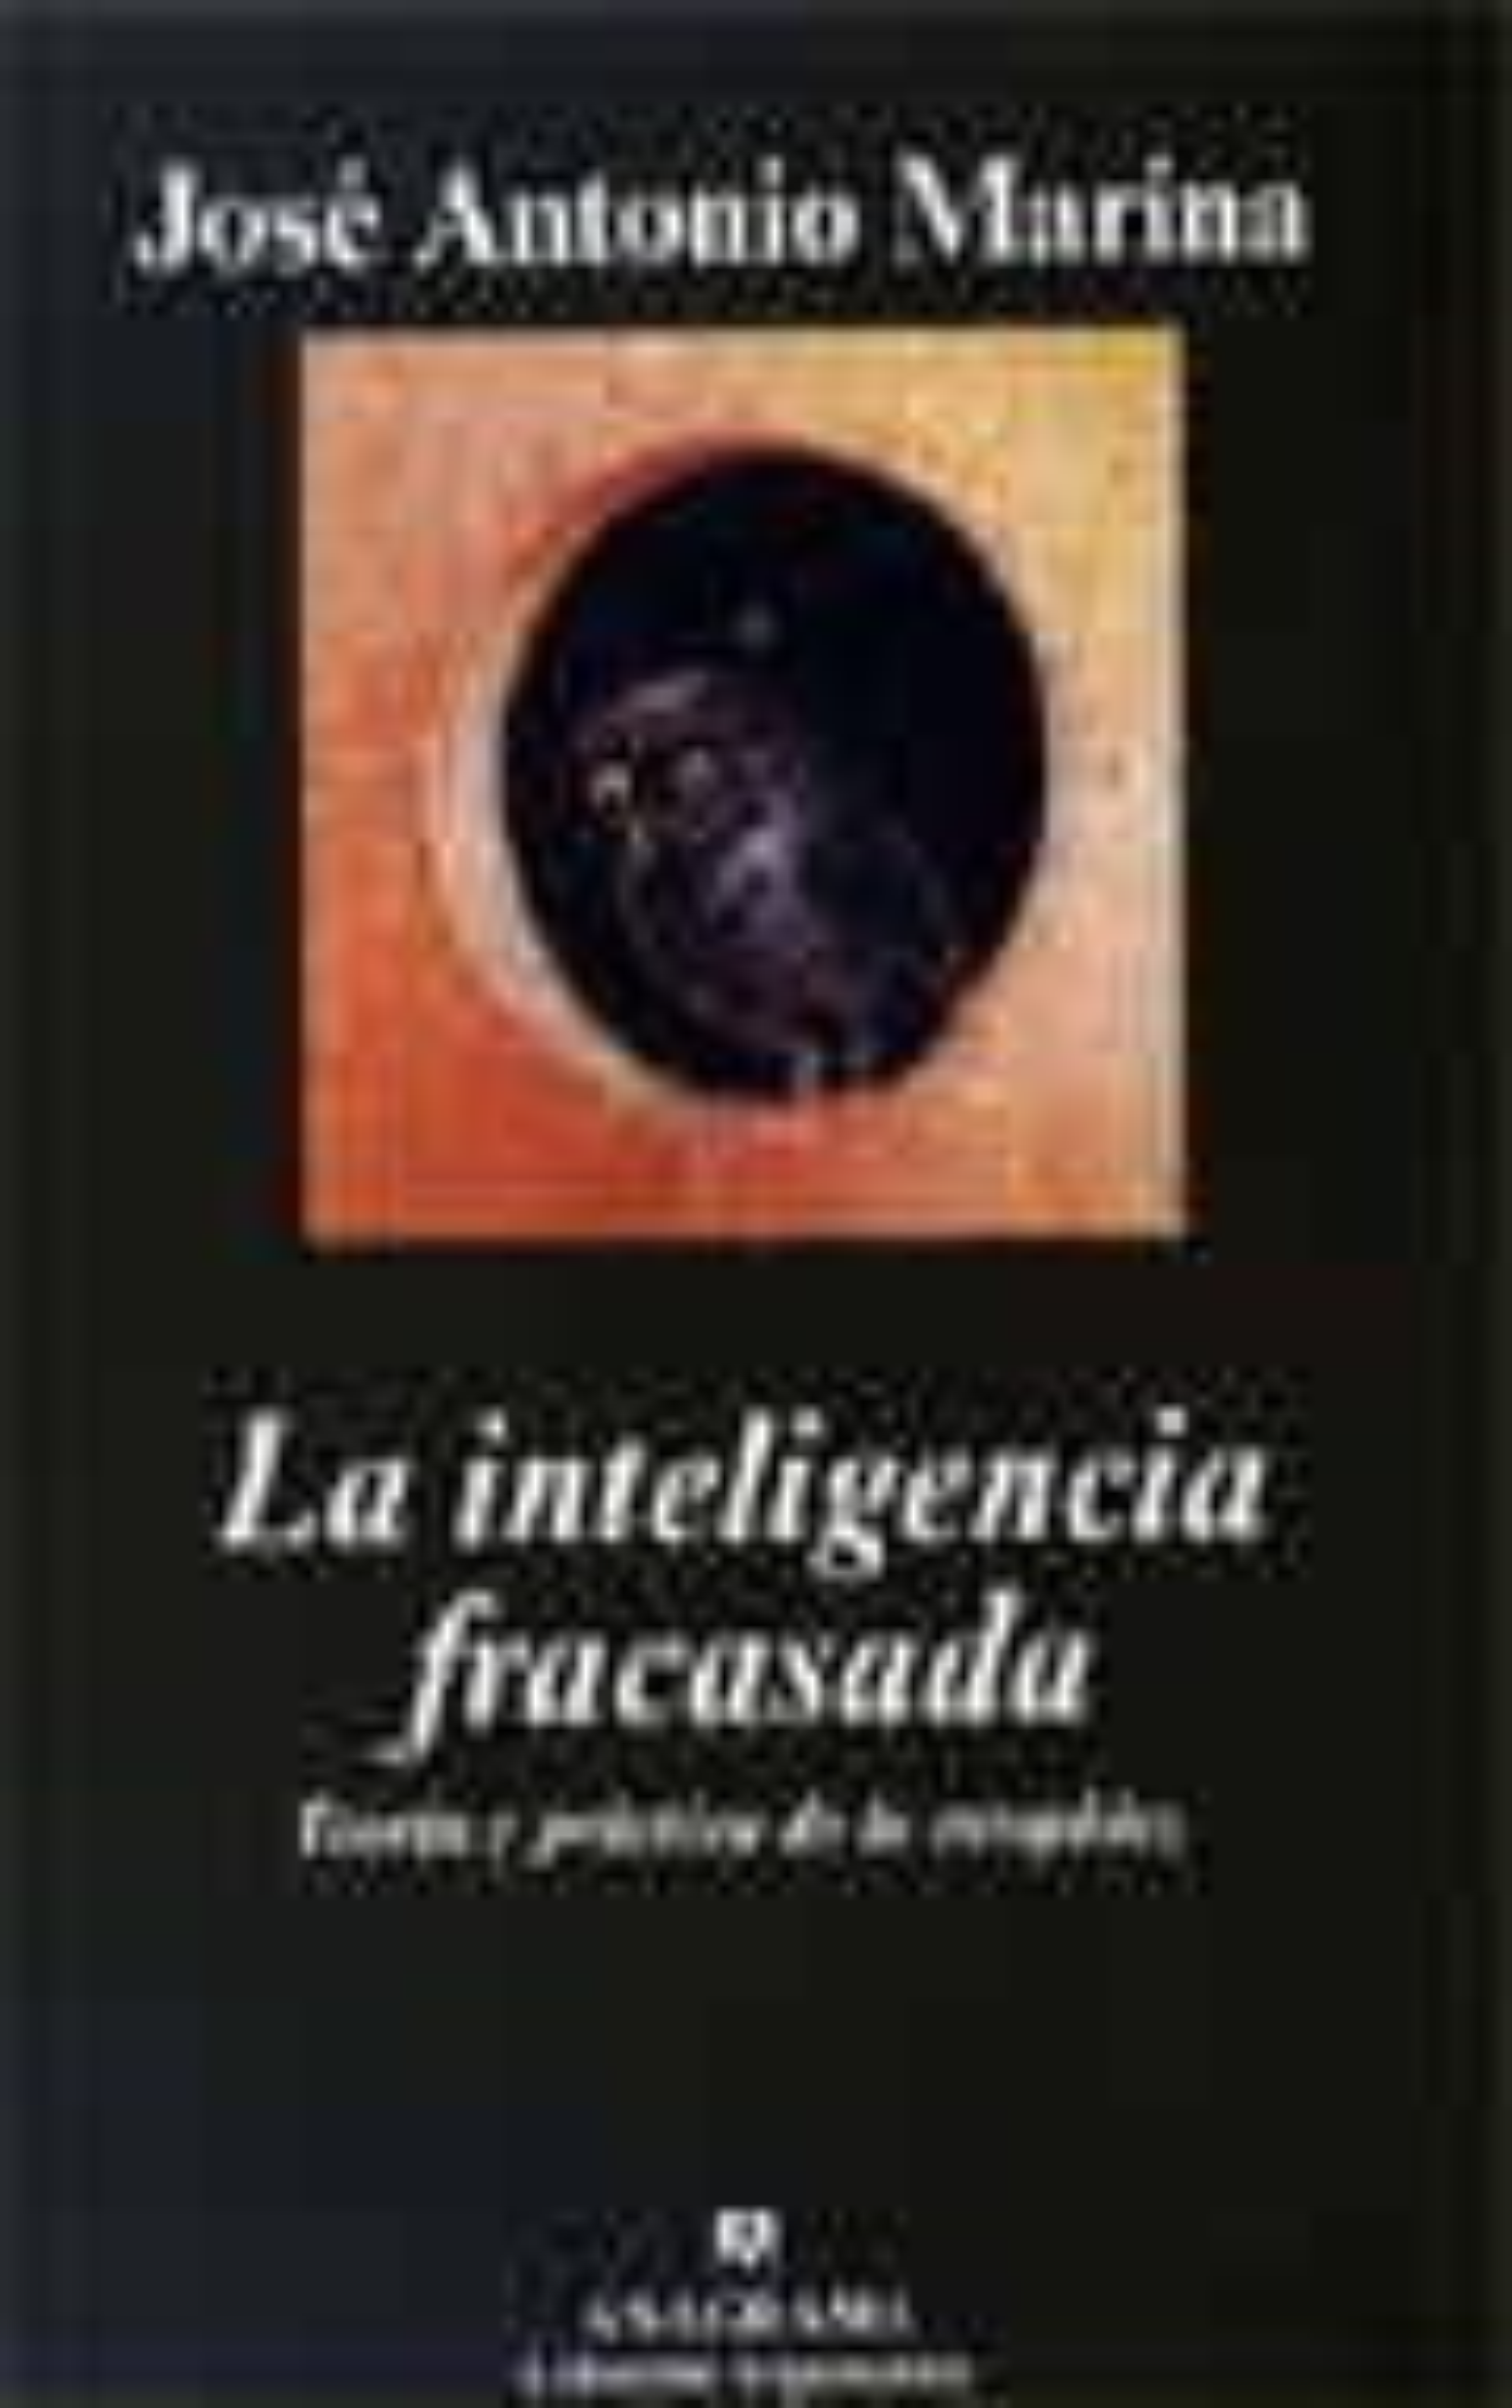 La Inteligencia Fracasada: Teoria Y Practica De La Estupidez por Jose Antonio Marina Gratis